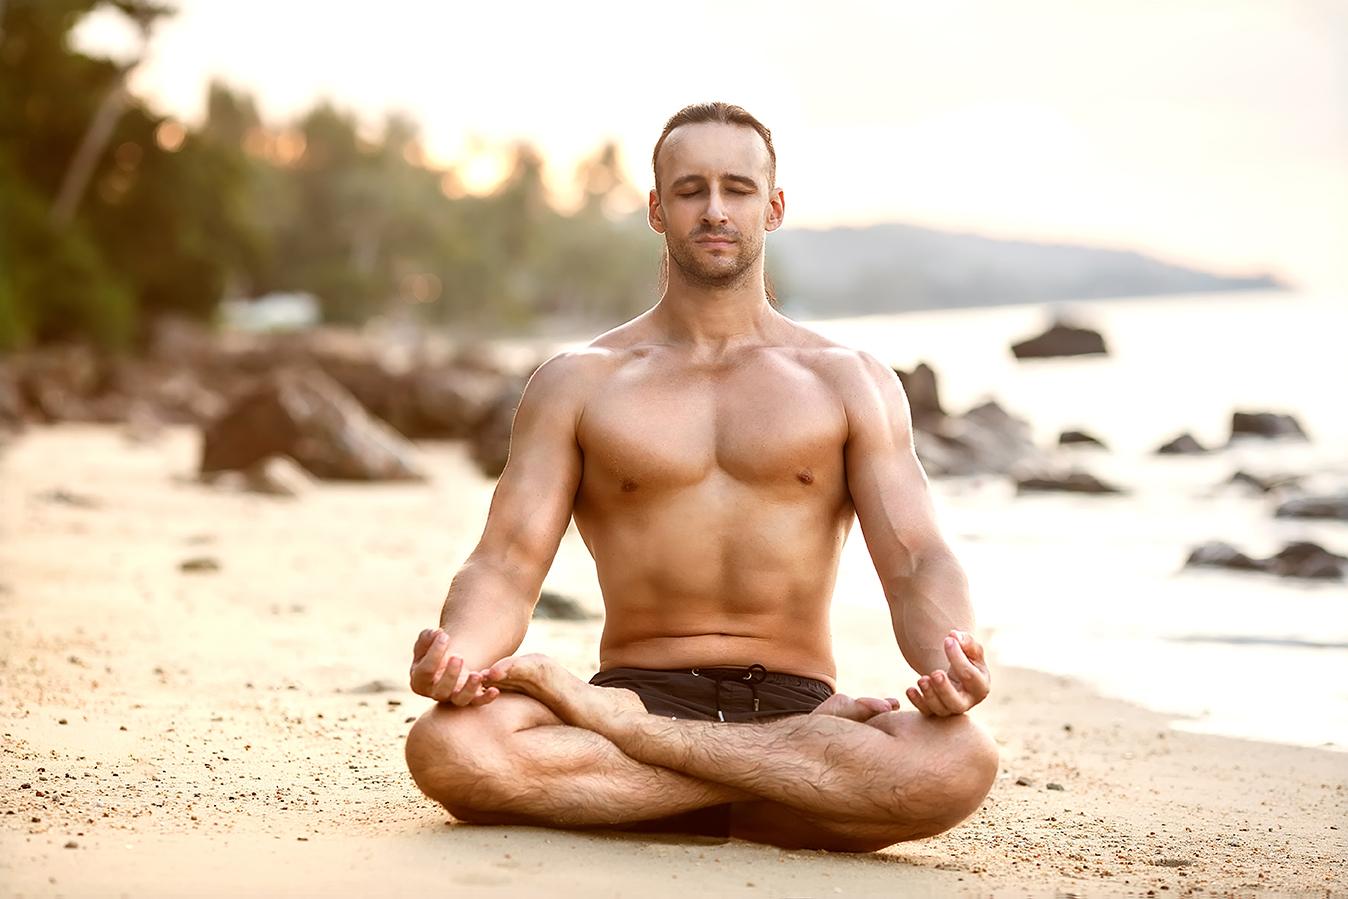 Йога порно Секс с тренером по йоге 58 самых популярных